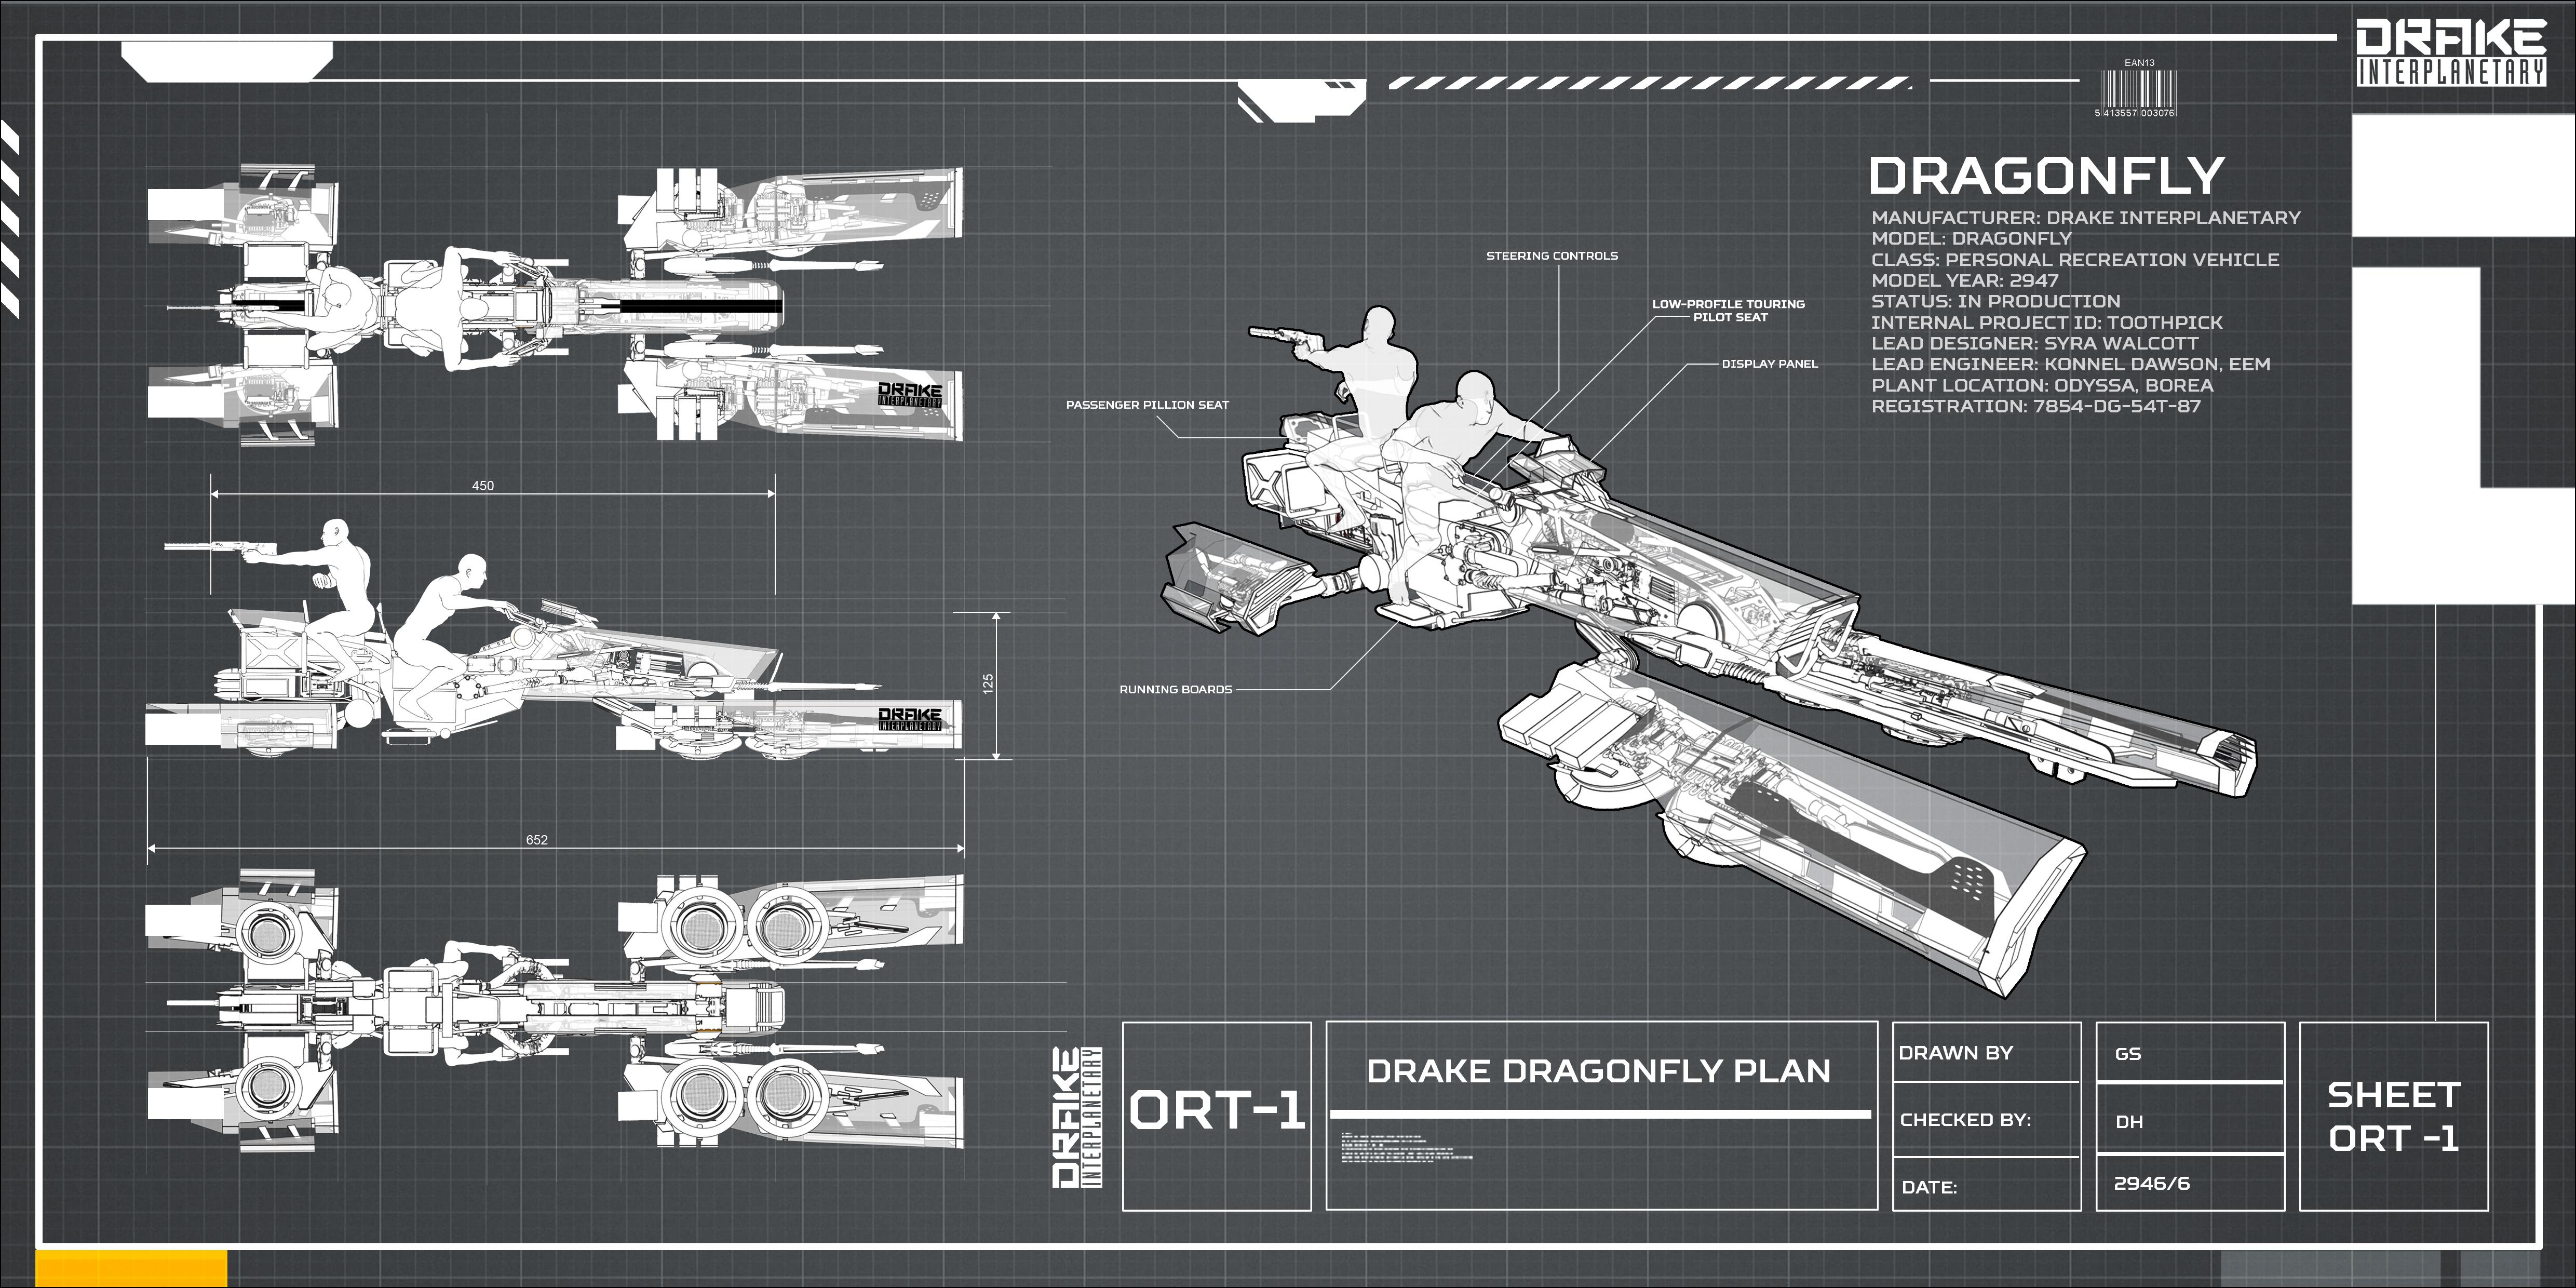 Drake_Dragonfly_Schematic_01.jpg